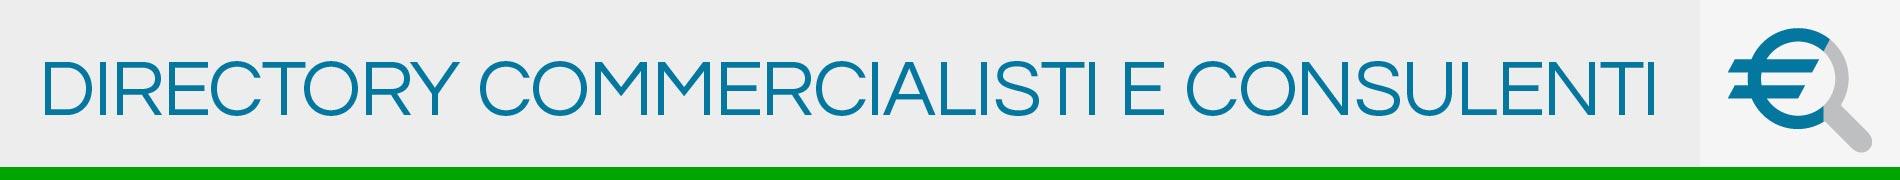 Directory Commercialisti e Consulenti